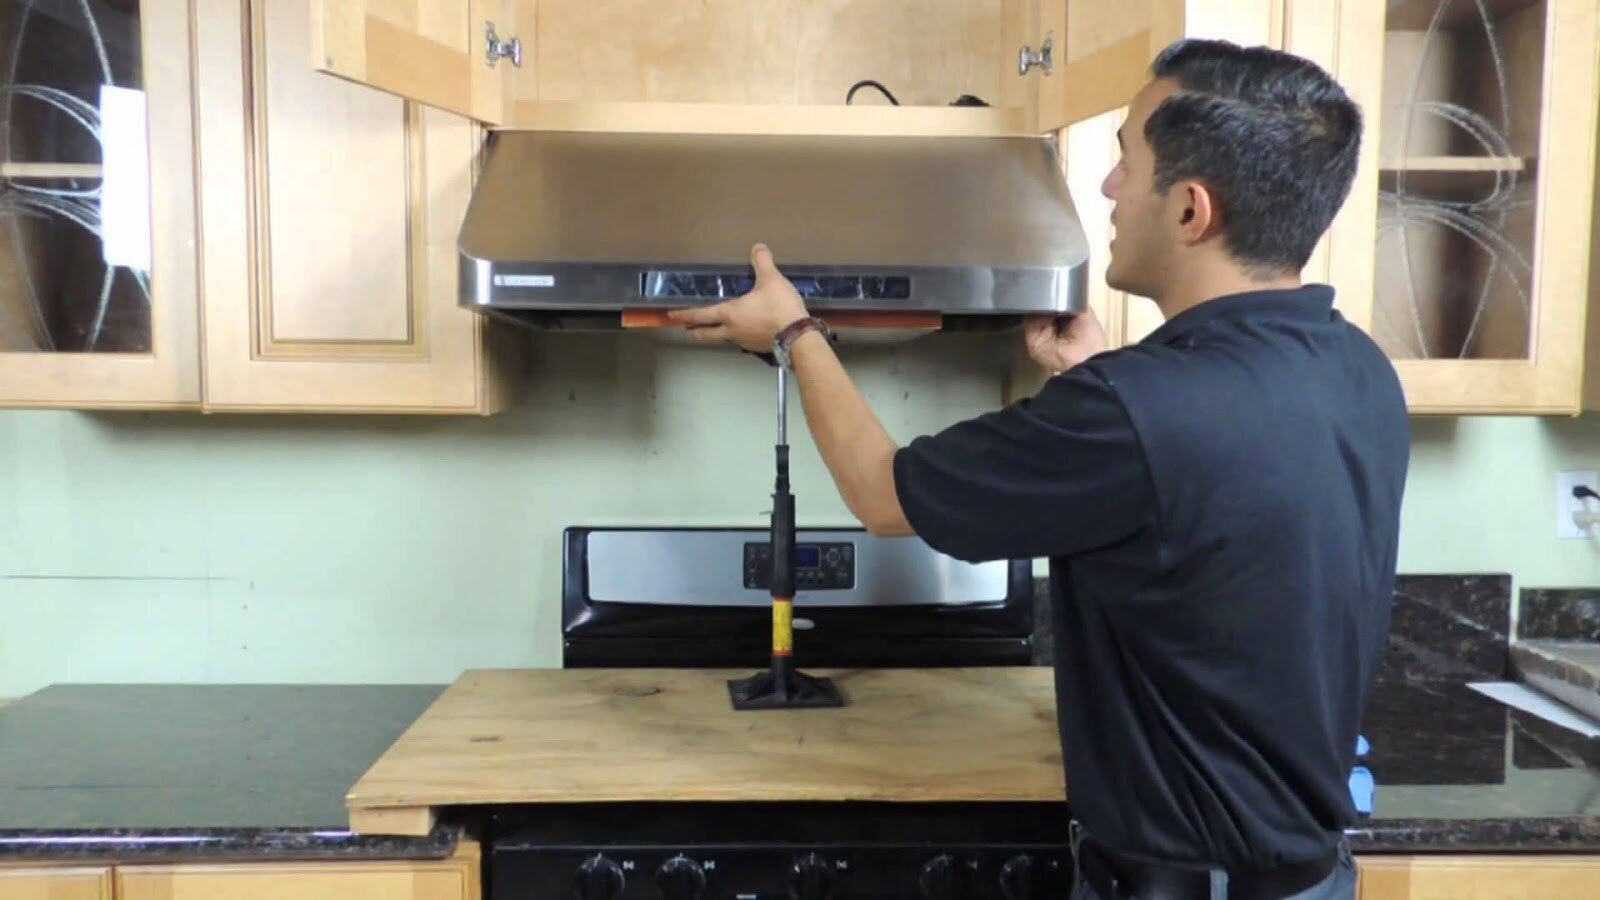 Lắp đặt máy hút mùi đúng cách sẽ giúp bạn sử dụng hiệu quả của máy hơn